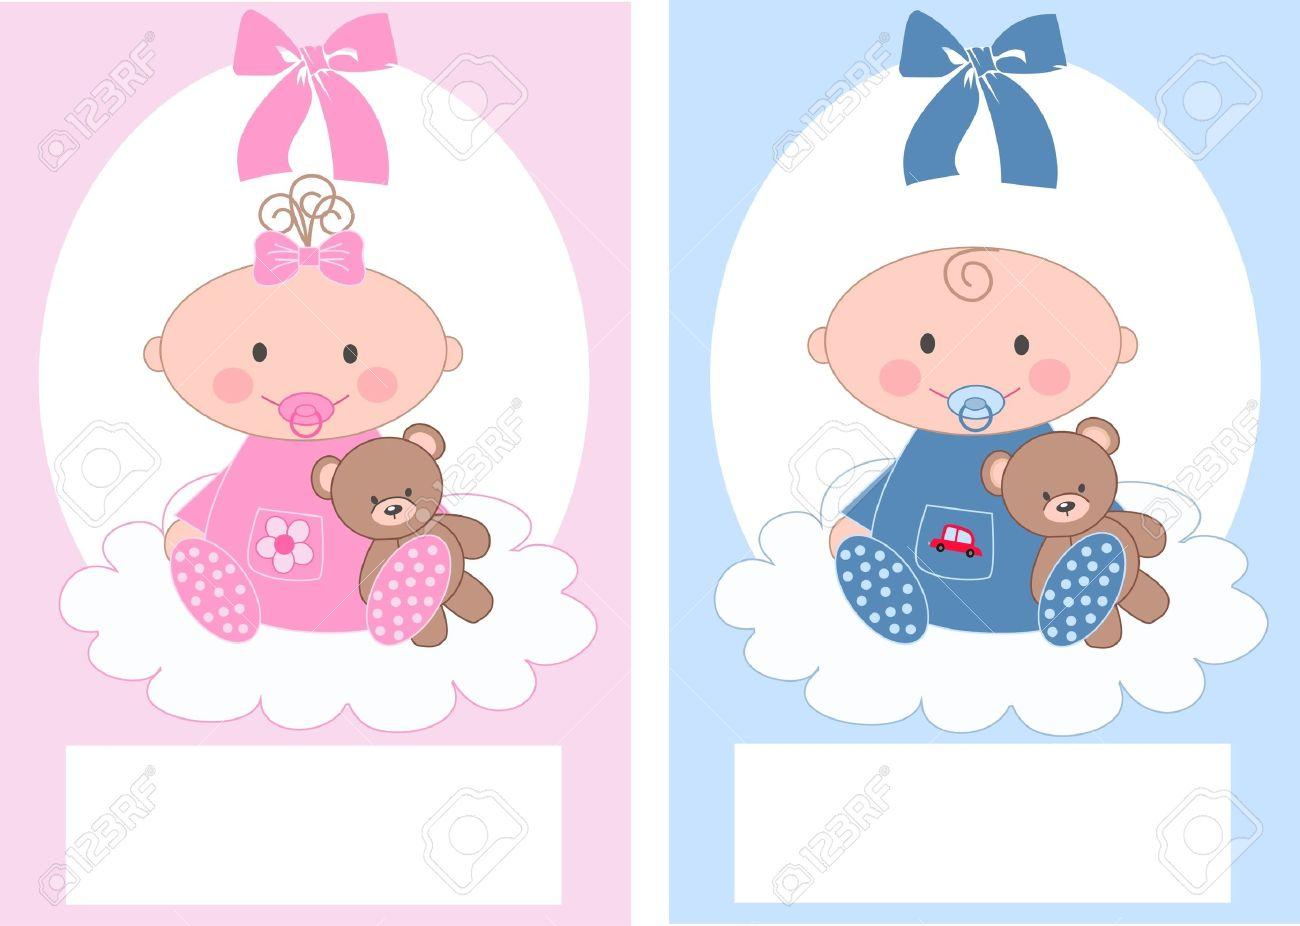 Al Matrimonio Auguri O Congratulazioni : Frasi di auguri per la nascita di un bambino o di una bambina